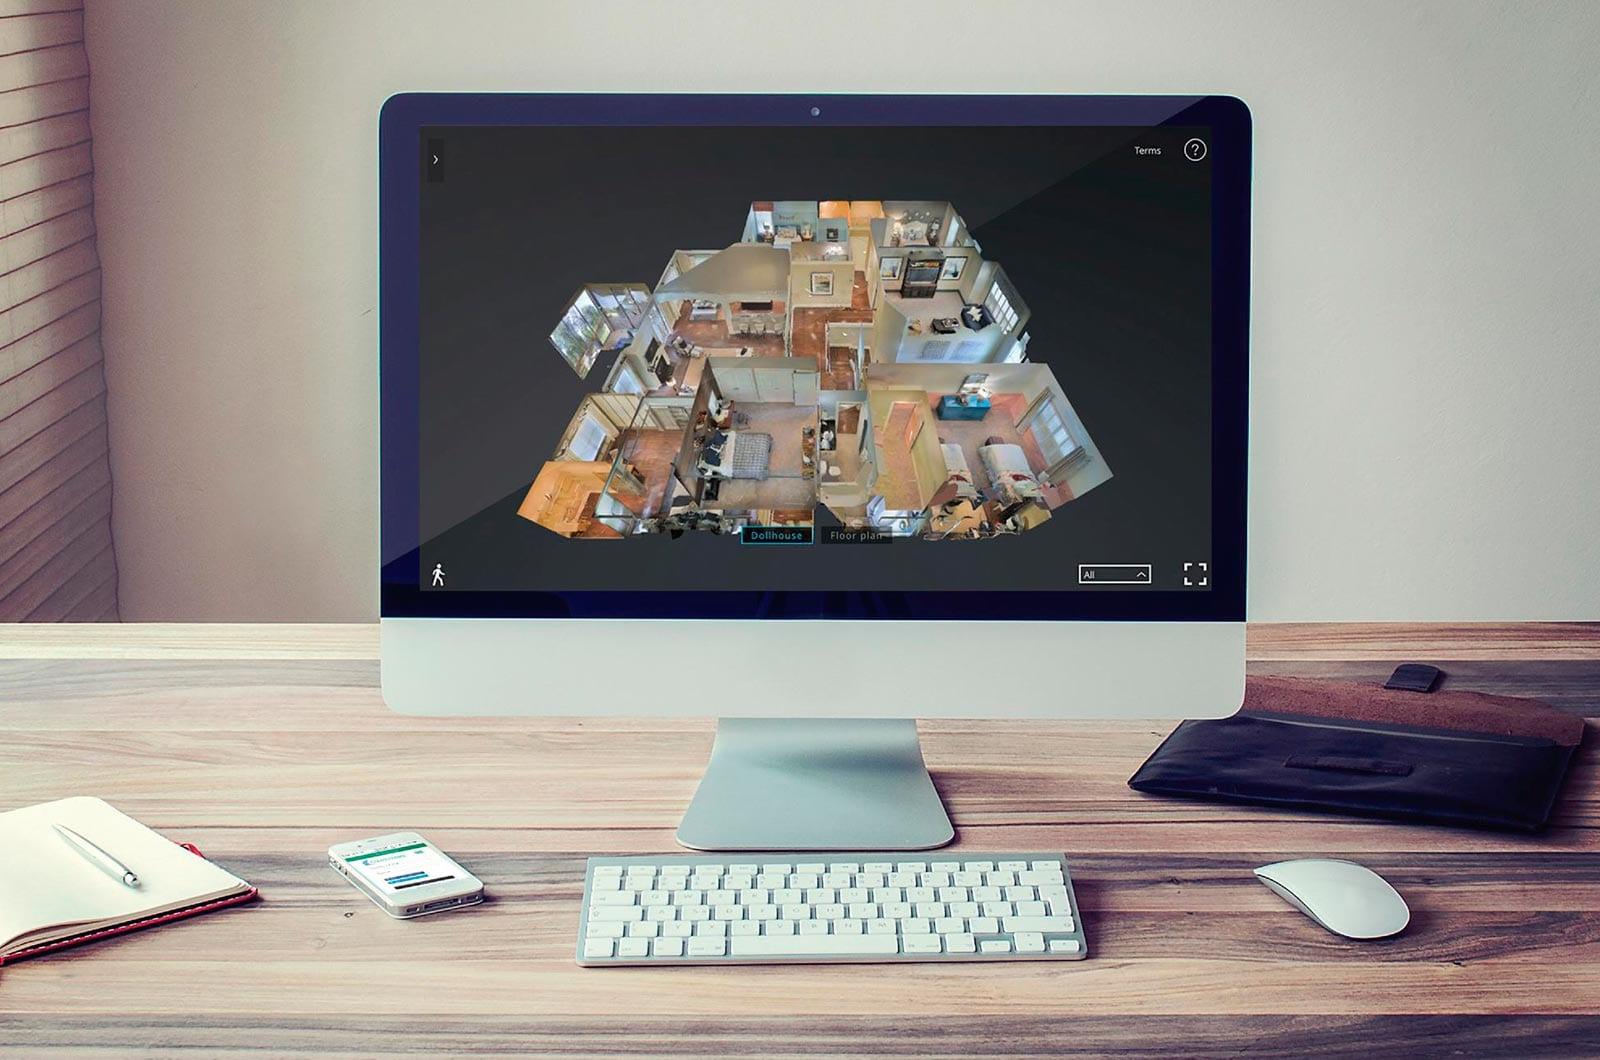 Featured-Image-Matterport-3D-Tours | Matterport 3D Tours | Matterport 3D Visualization | matterport 3D Home Tours | Matterport 3D House Tours